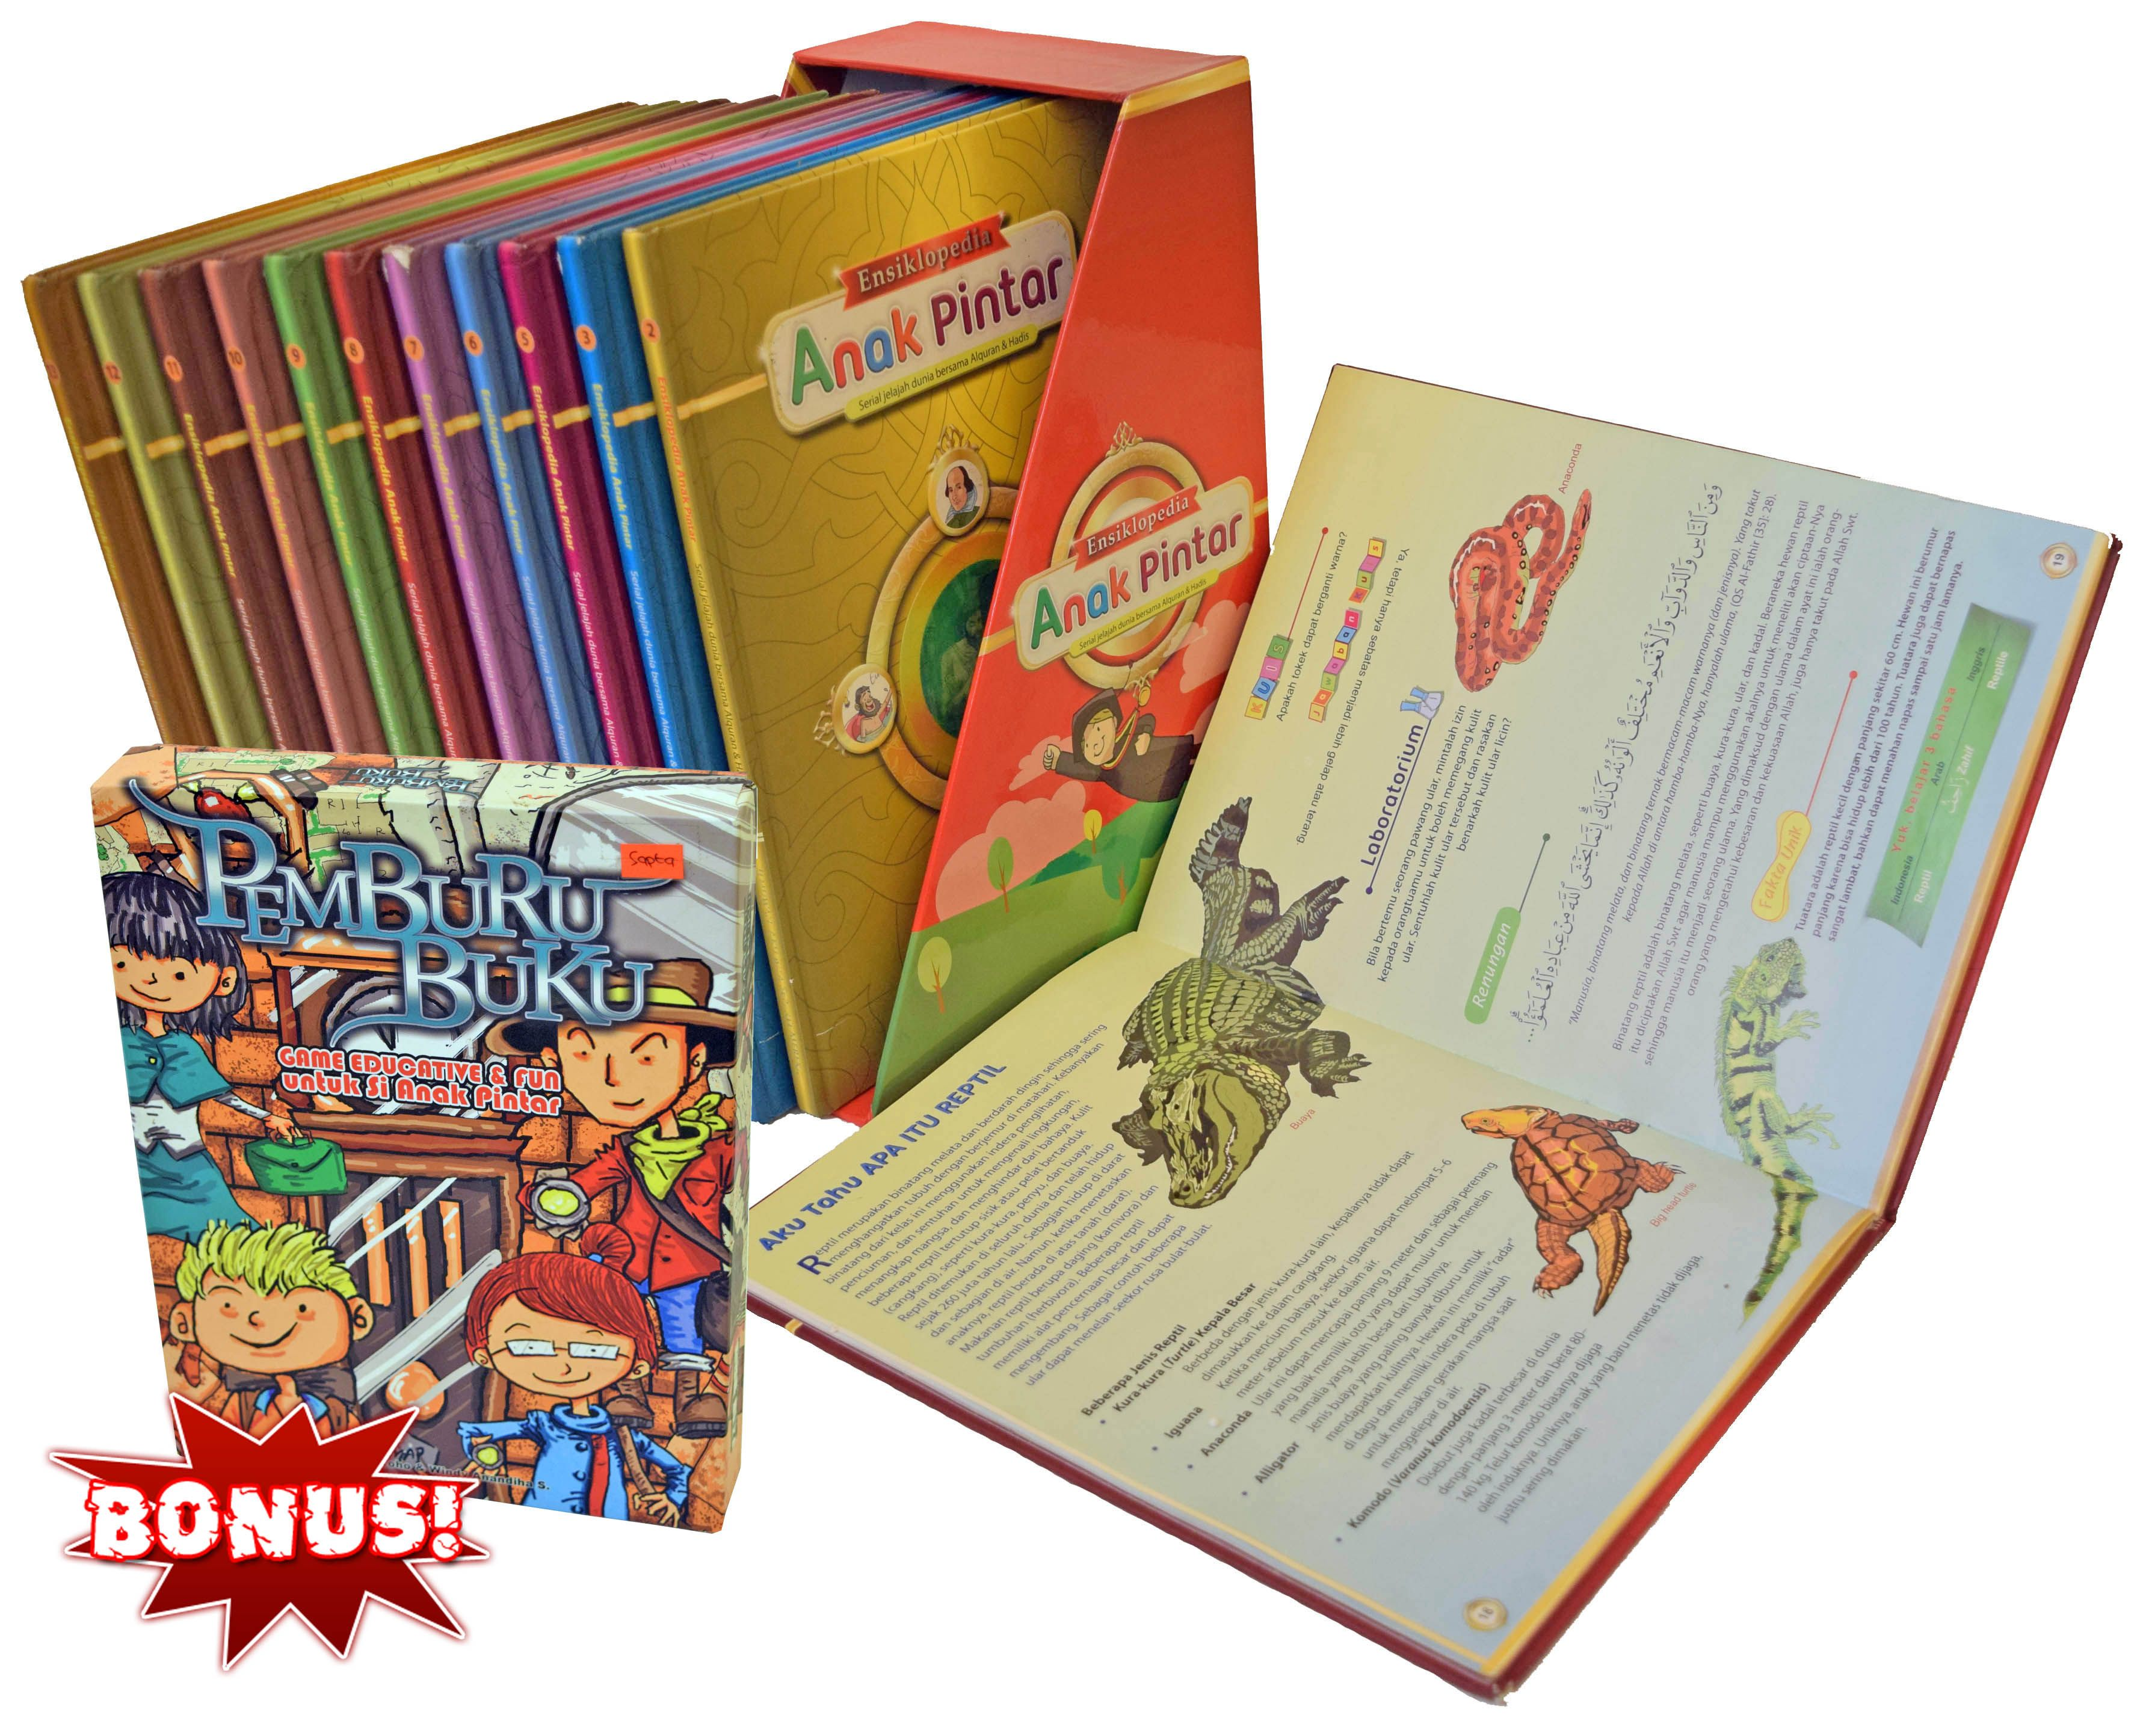 Paket Buku Ensiklopedia Anak Pintar 13 Jilid Dengan Gambar